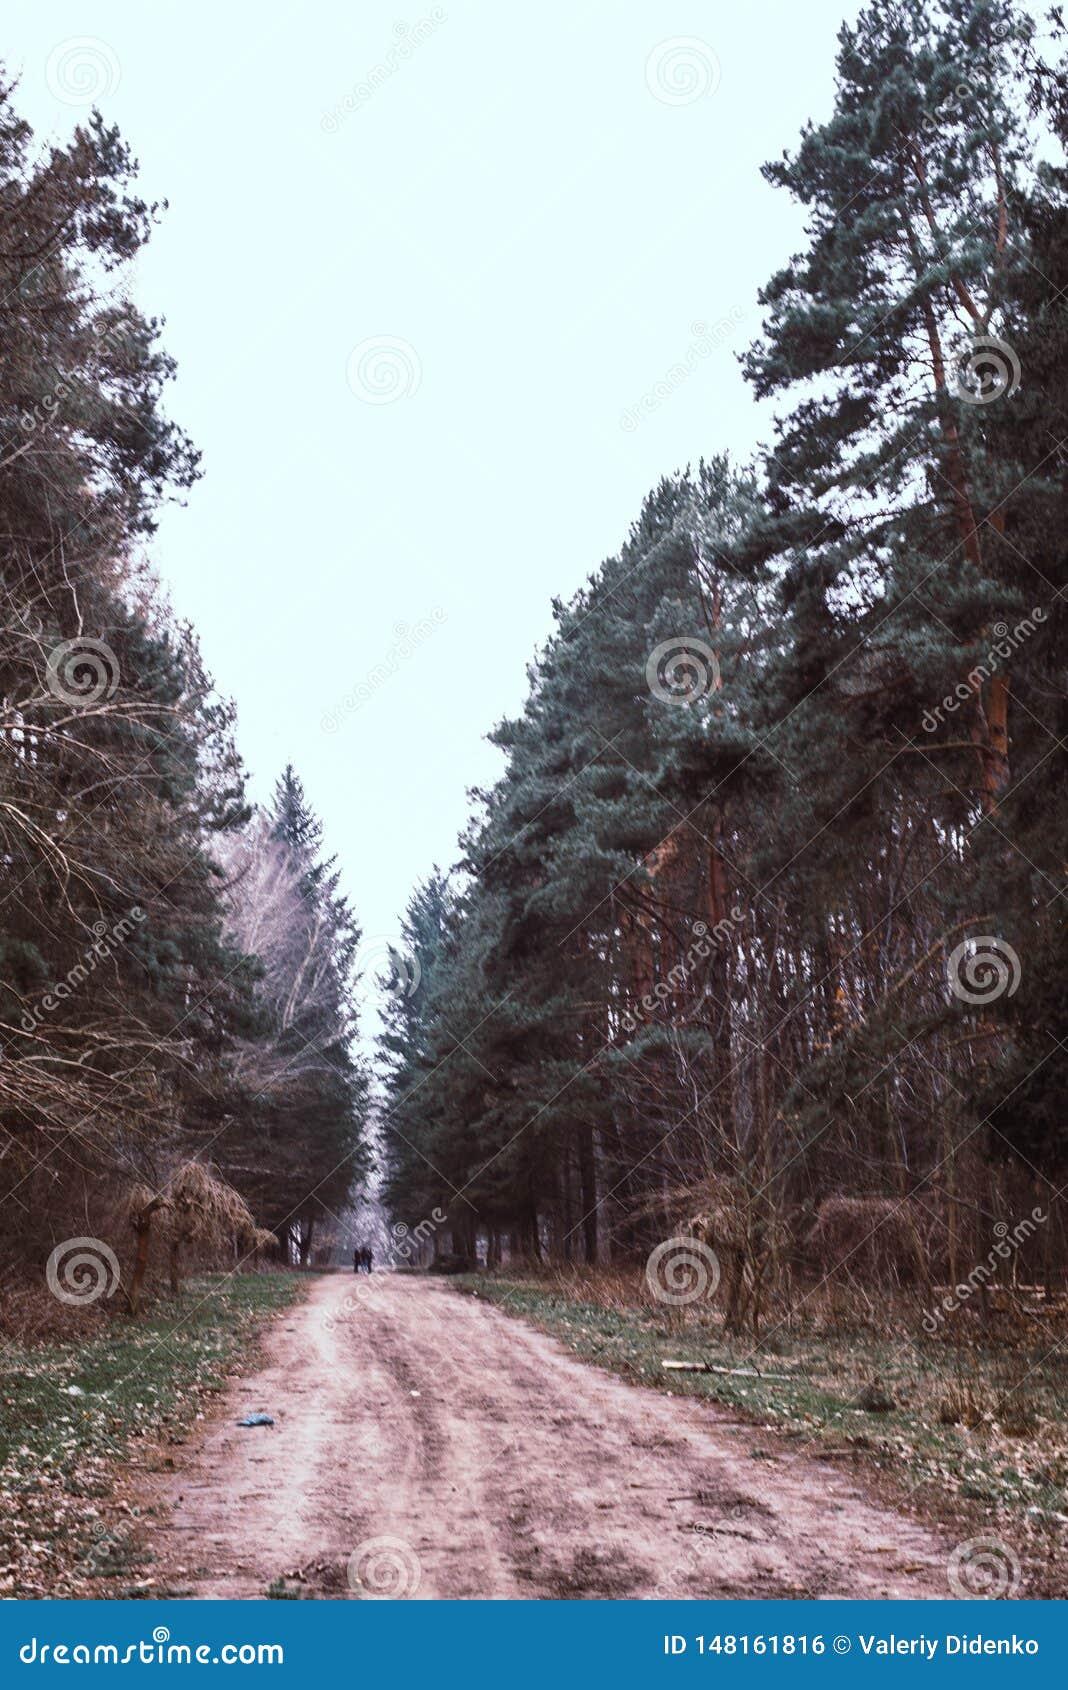 Die Stra?e ist ein Weg im Wald